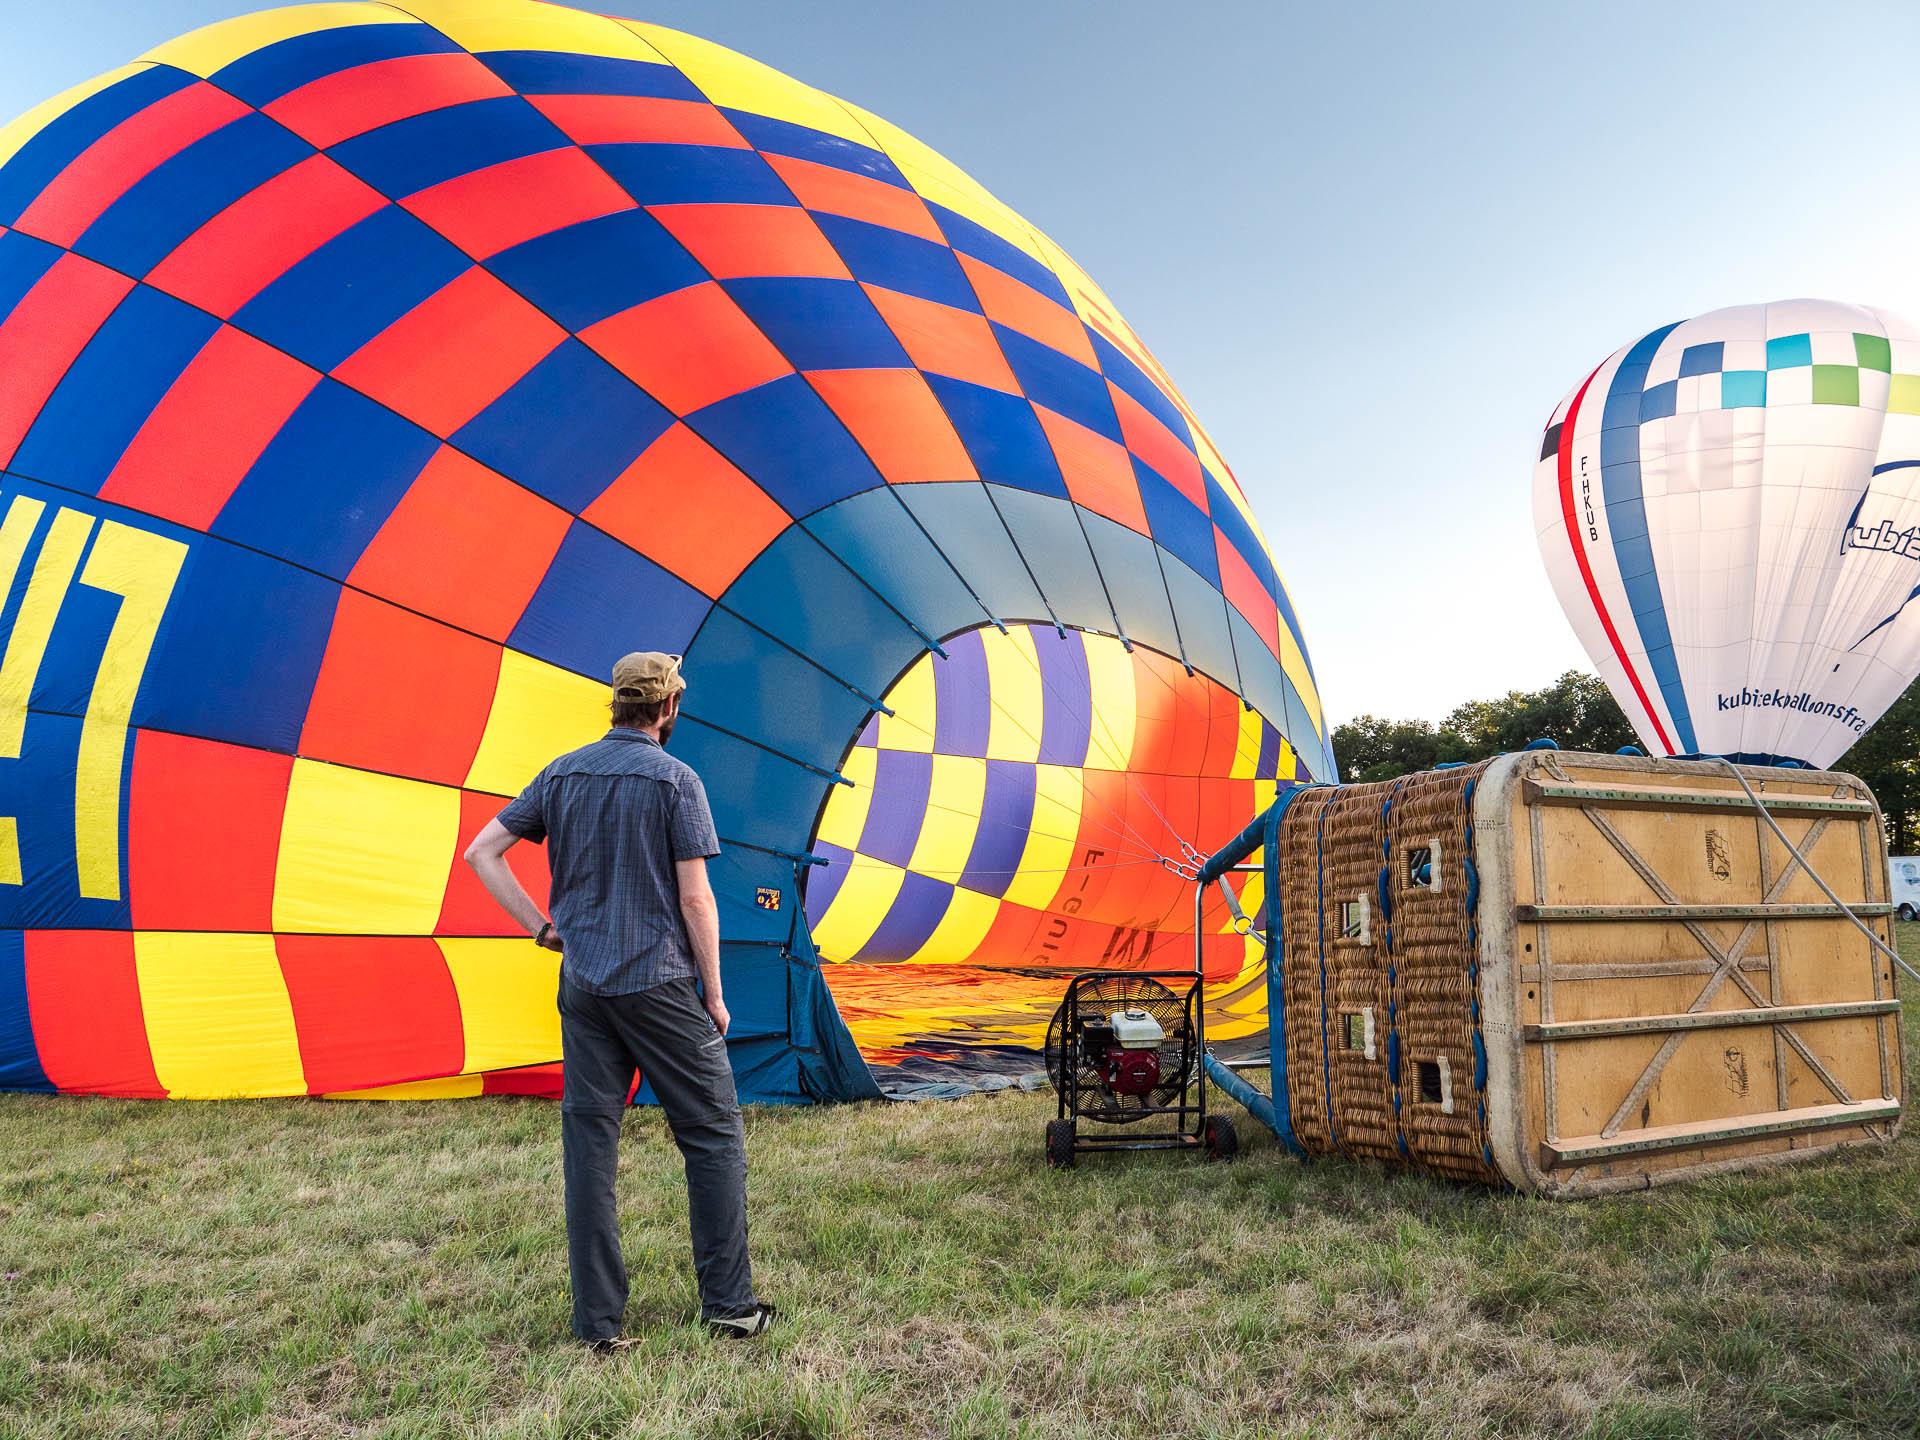 brissac seb montgolfière - Les globe blogueurs - blog voyage nature